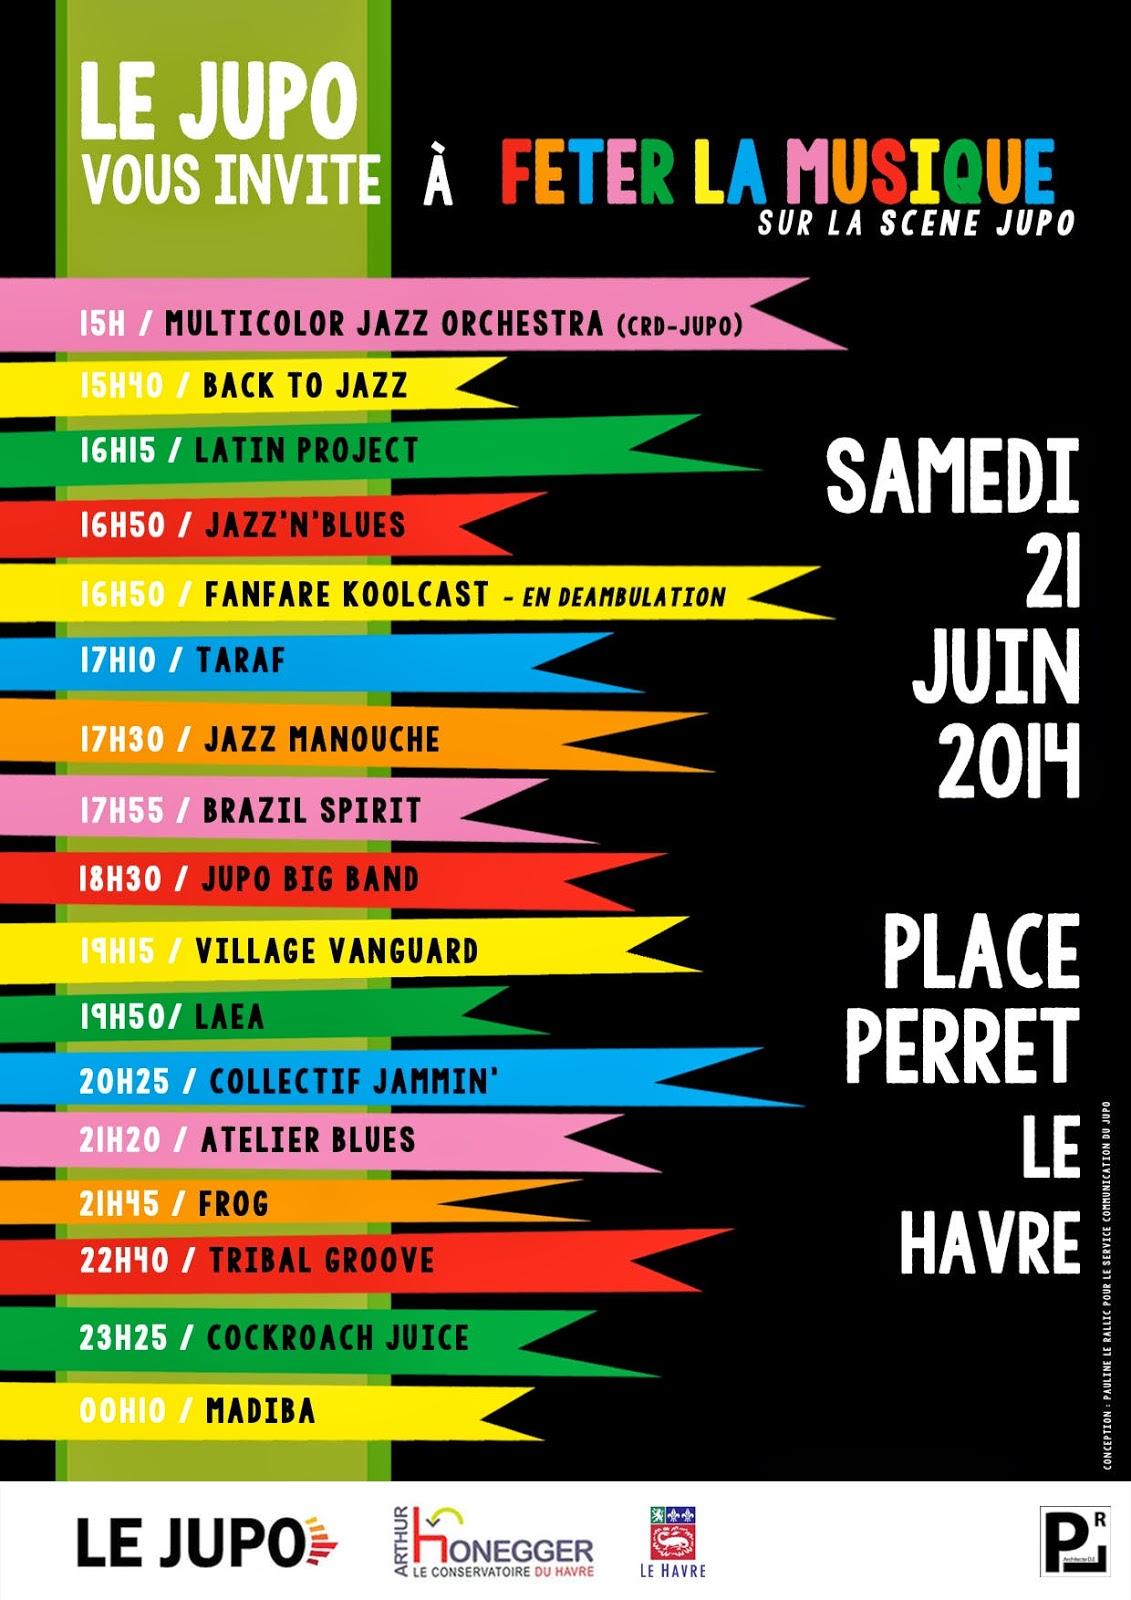 collectif-jammin-fete-musique-juin-2014-le-hare